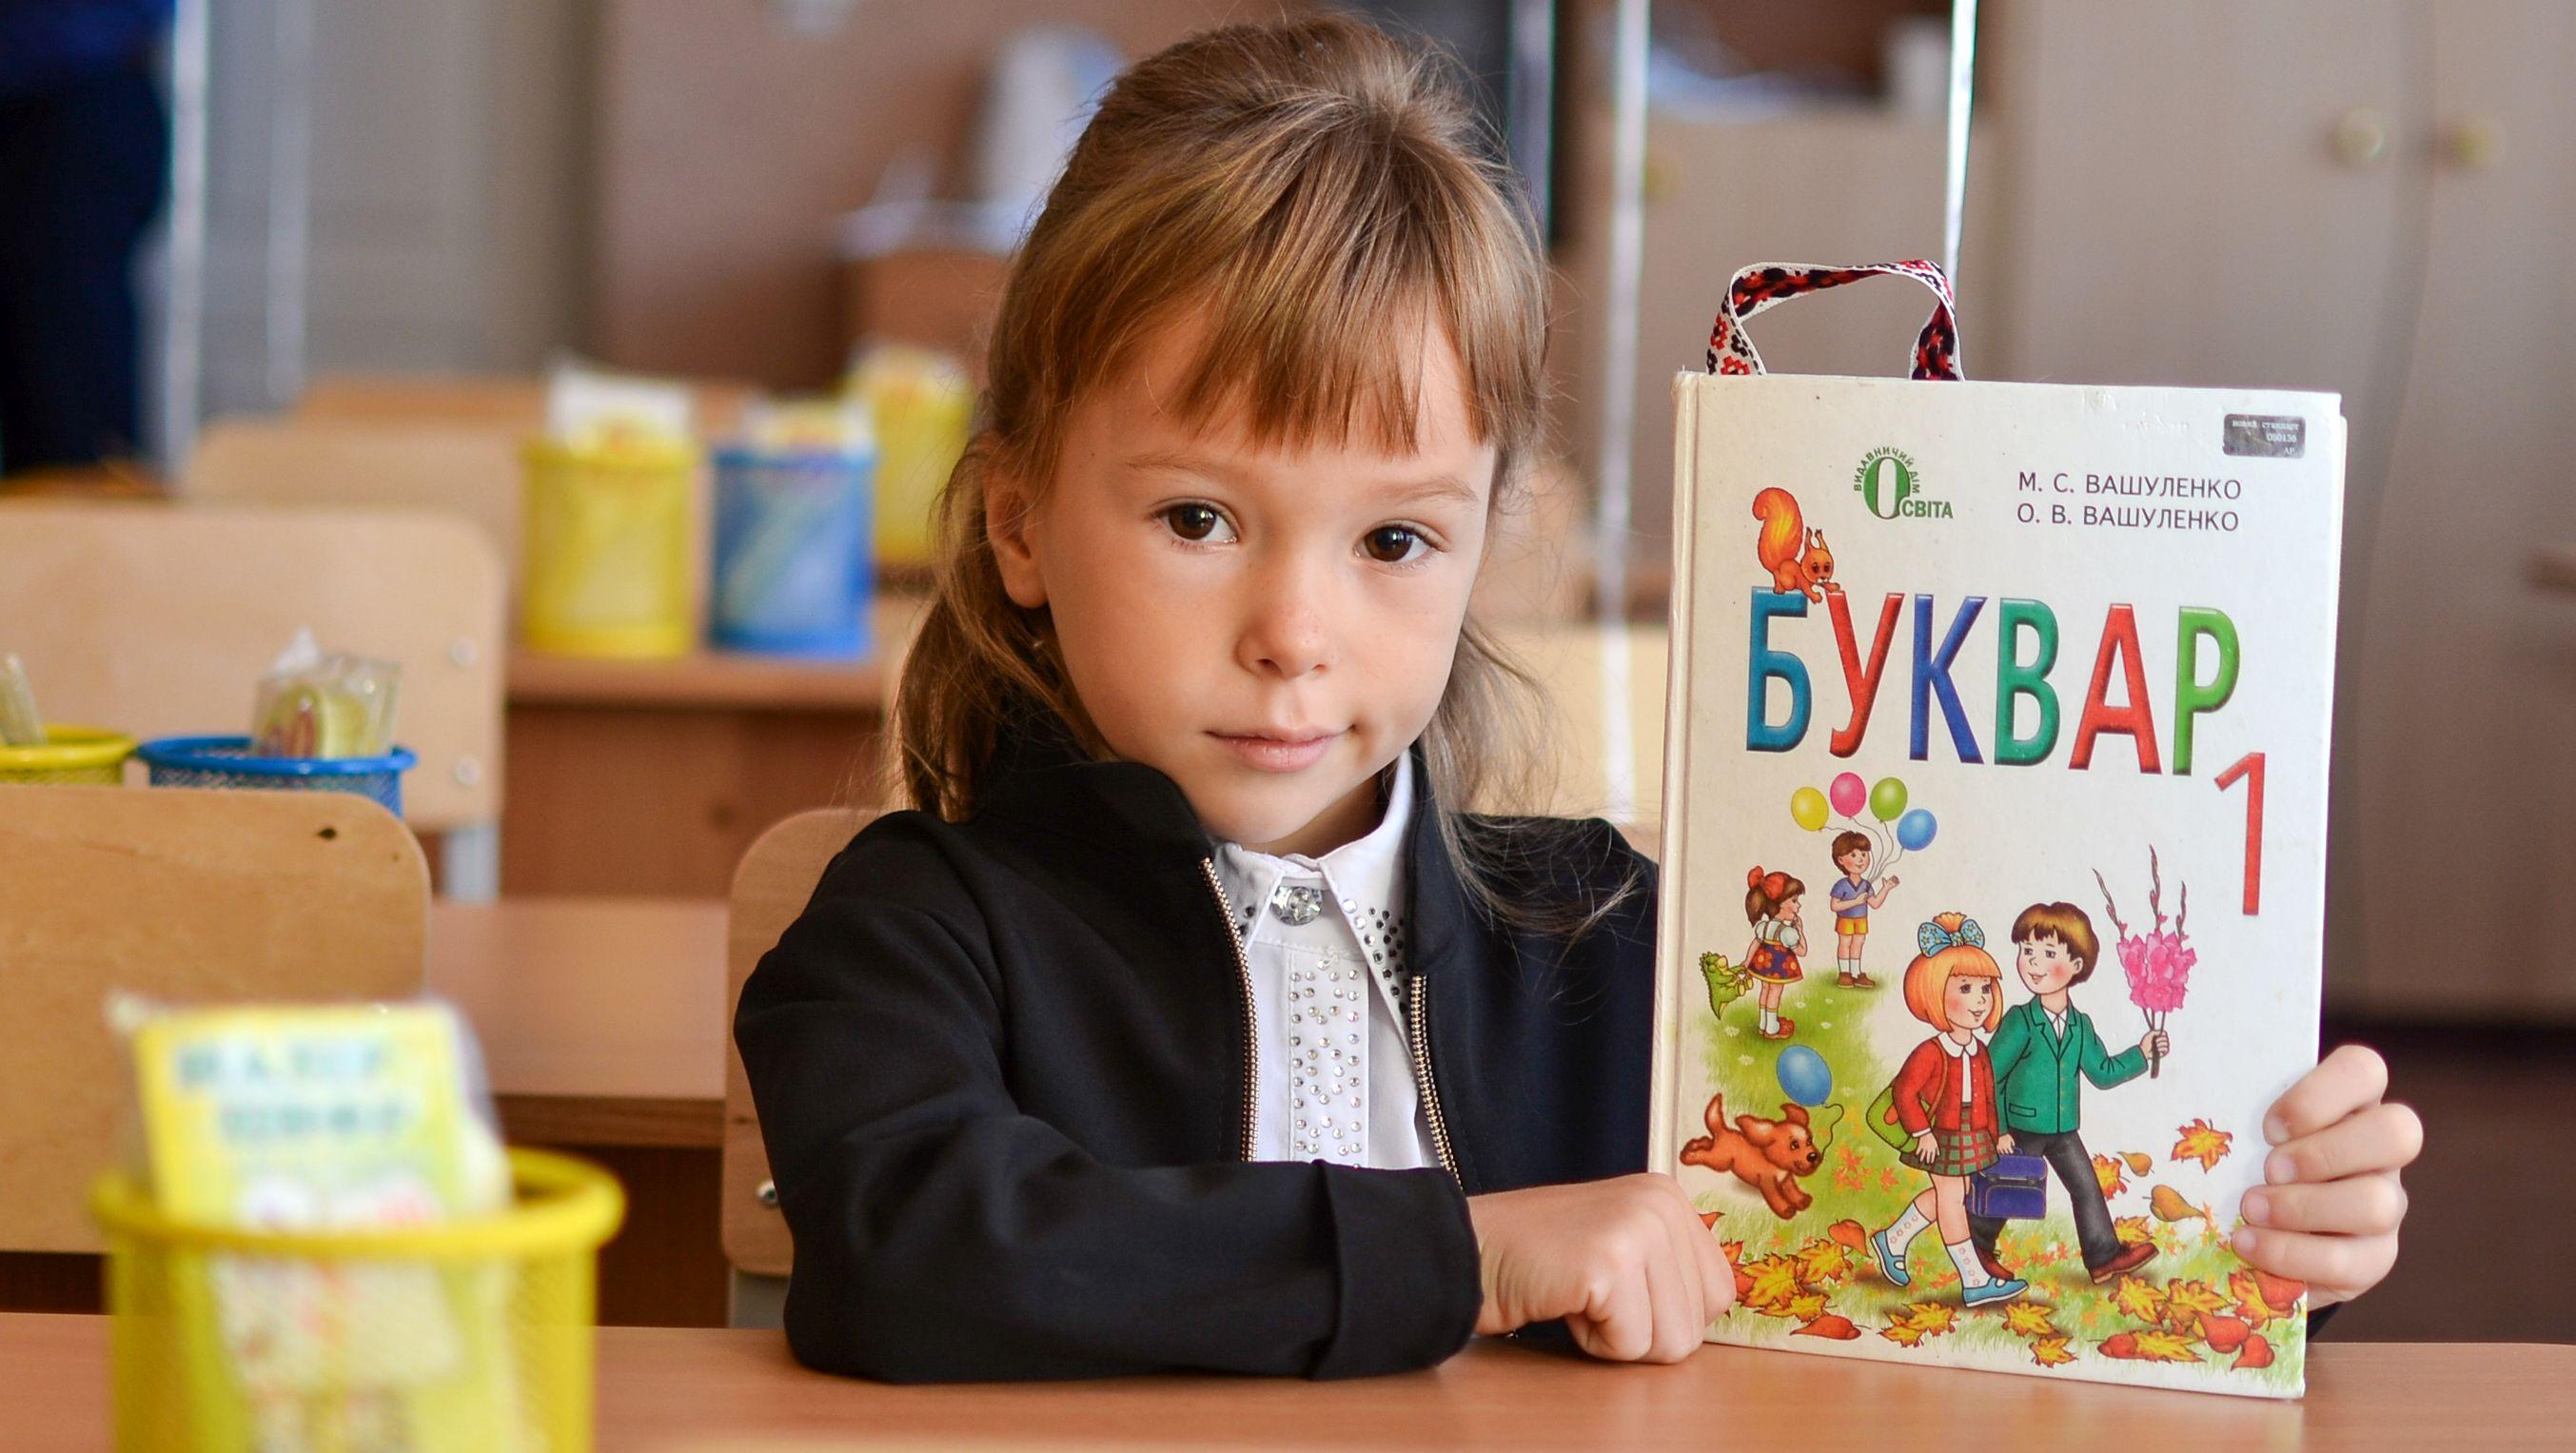 Ці разумееце вы ўкраінцаў? - № 2 ПРАВЕРЦЕ СЯБЕ